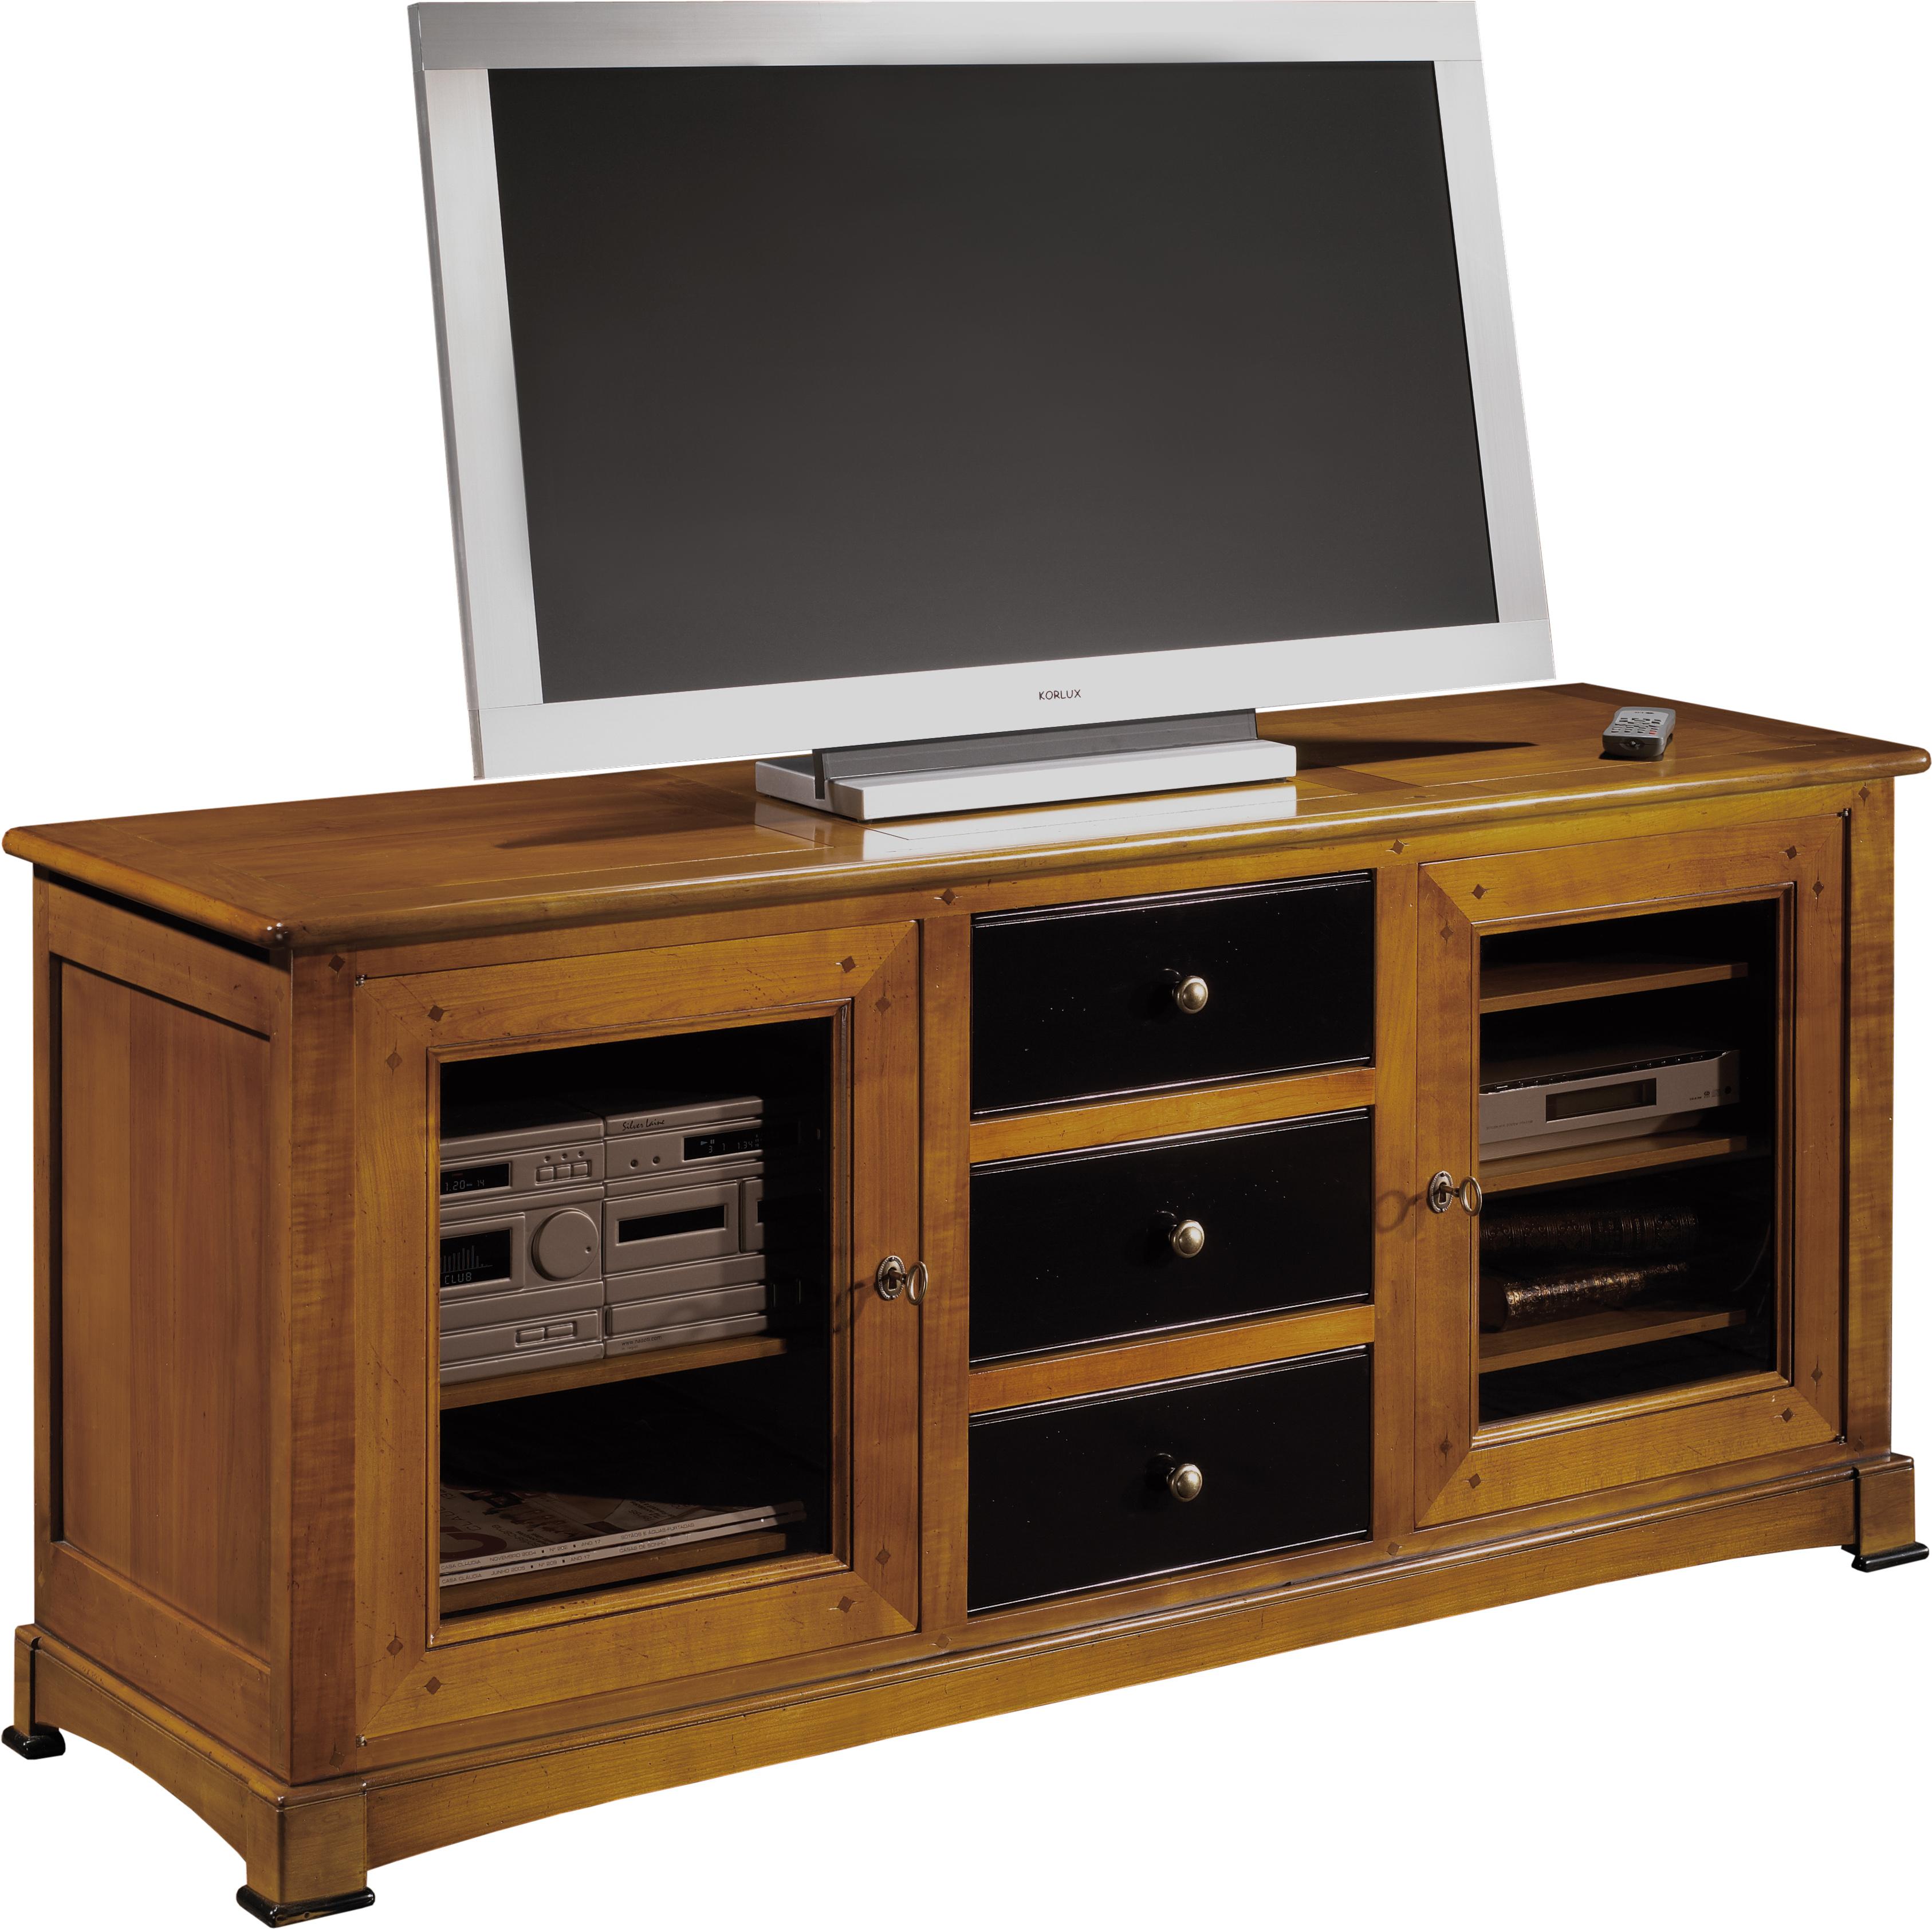 Meuble Tv Hifi Bois Mobilier Design D Coration D Int Rieur # Meuble Tv En Merisier